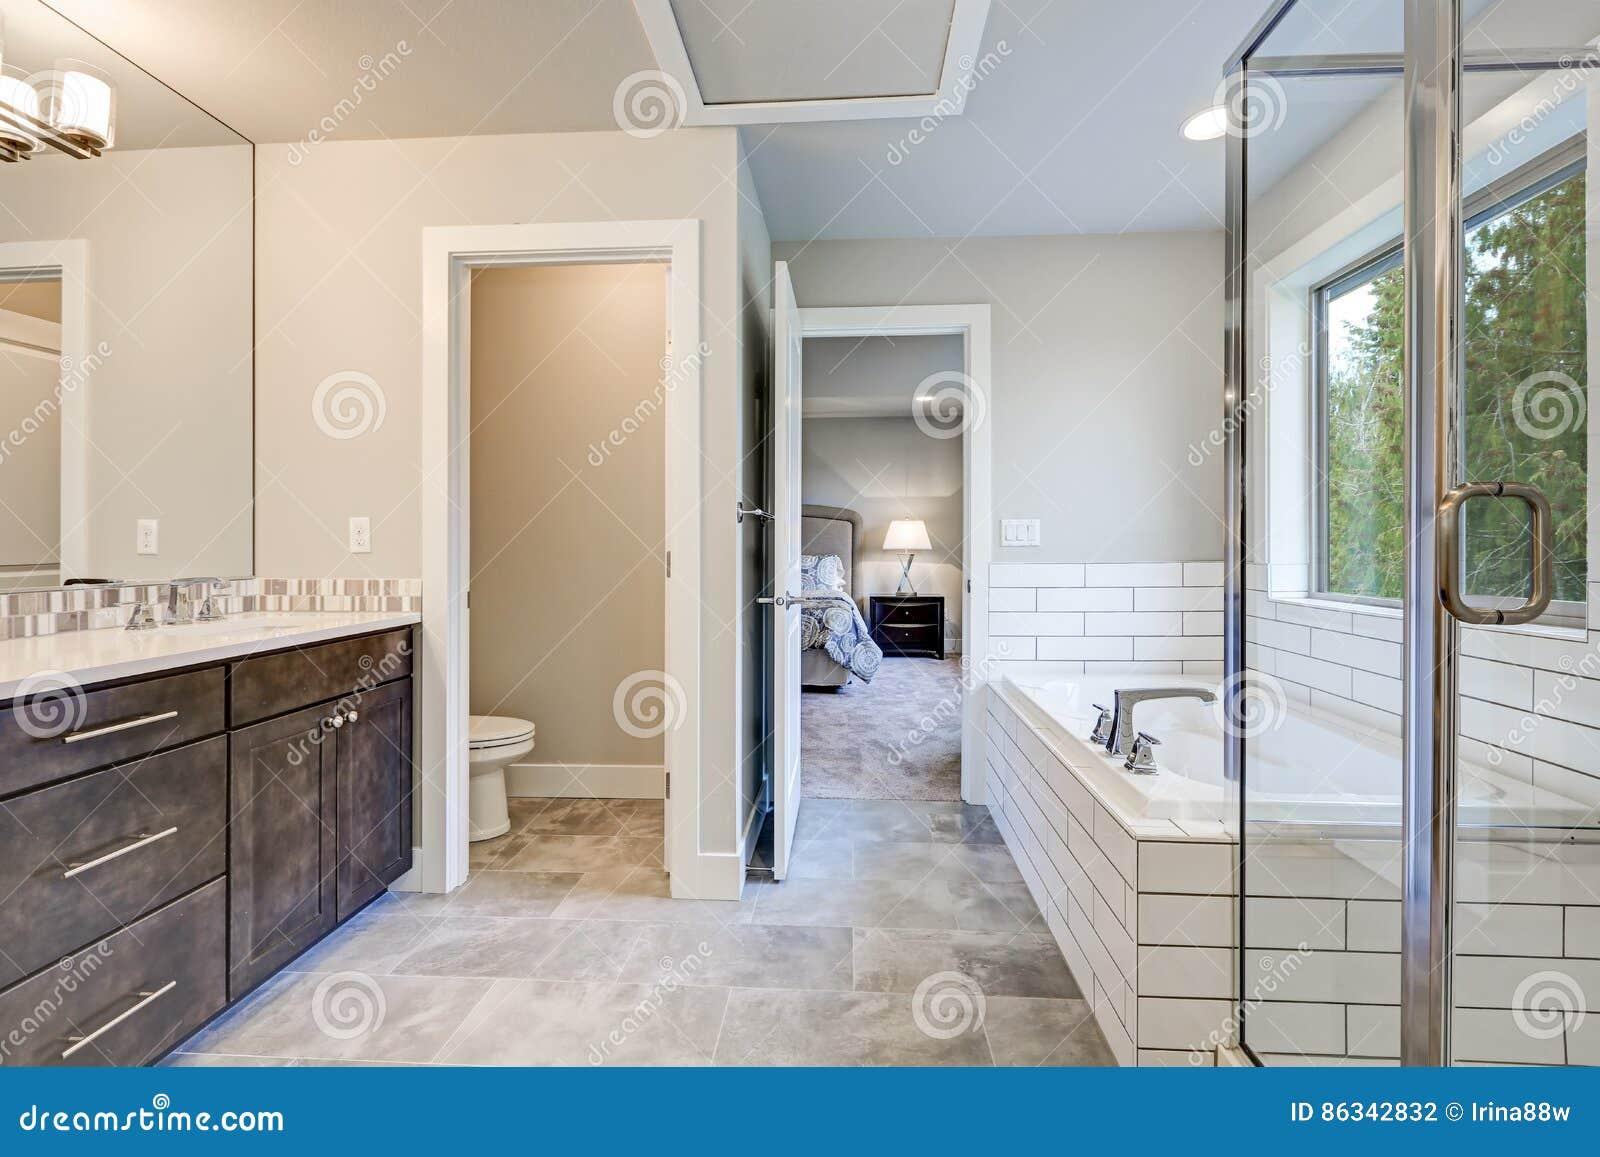 Salle De Bain La Reunion ~ l int rieur magnifique de salle de bains revendique le baquet de